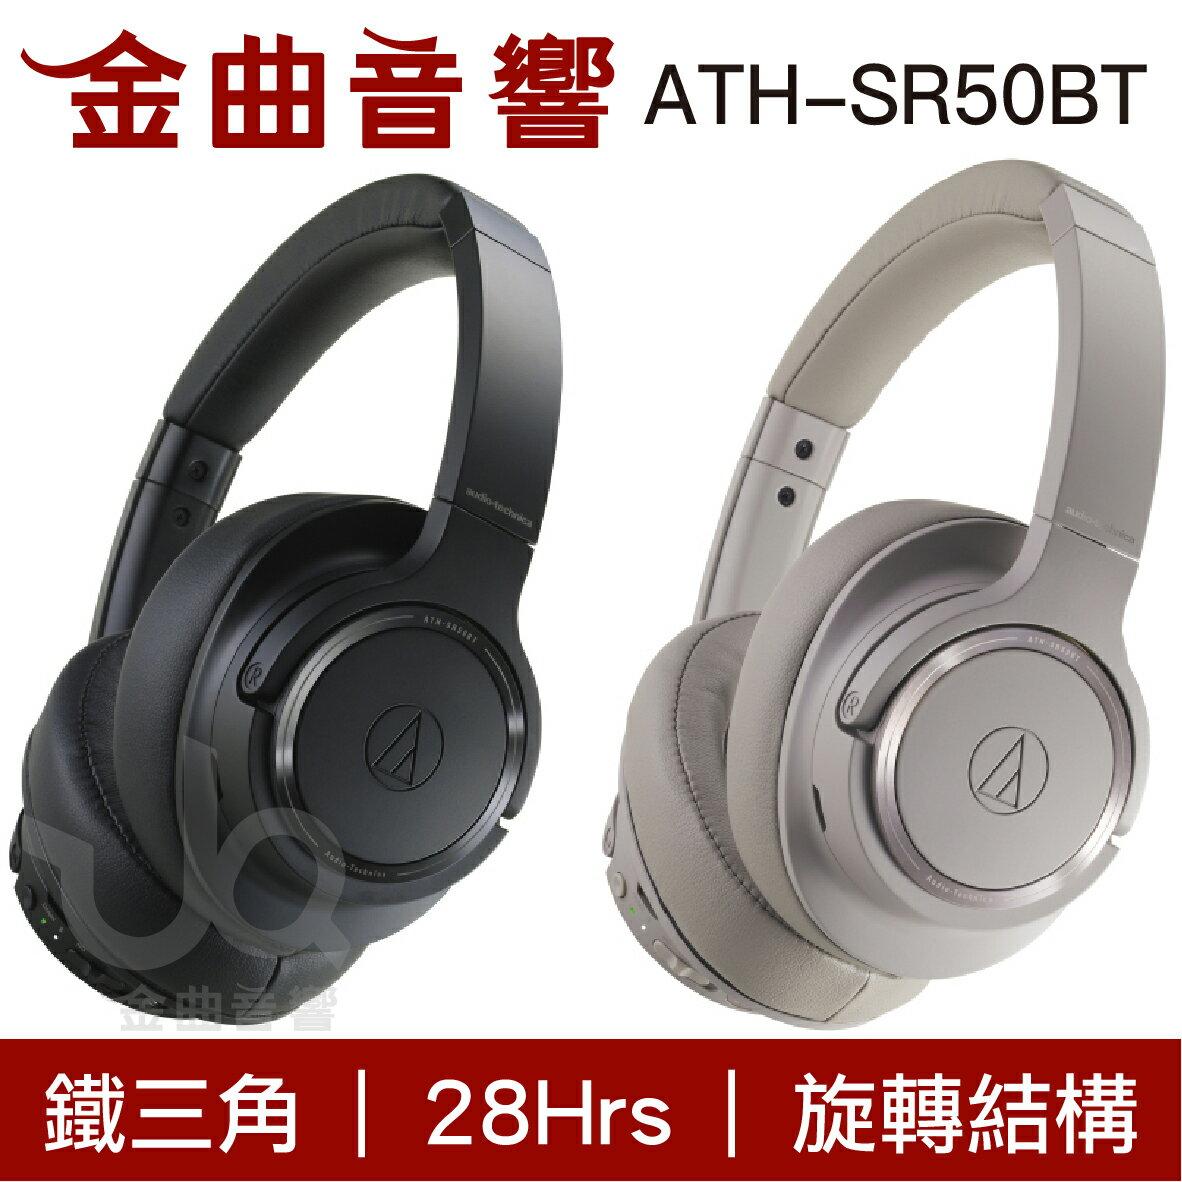 鐵三角 ATH-SR50BT 黑色 耳罩式耳機 有線 藍牙 雙用 耳罩式 耳機   金曲音響